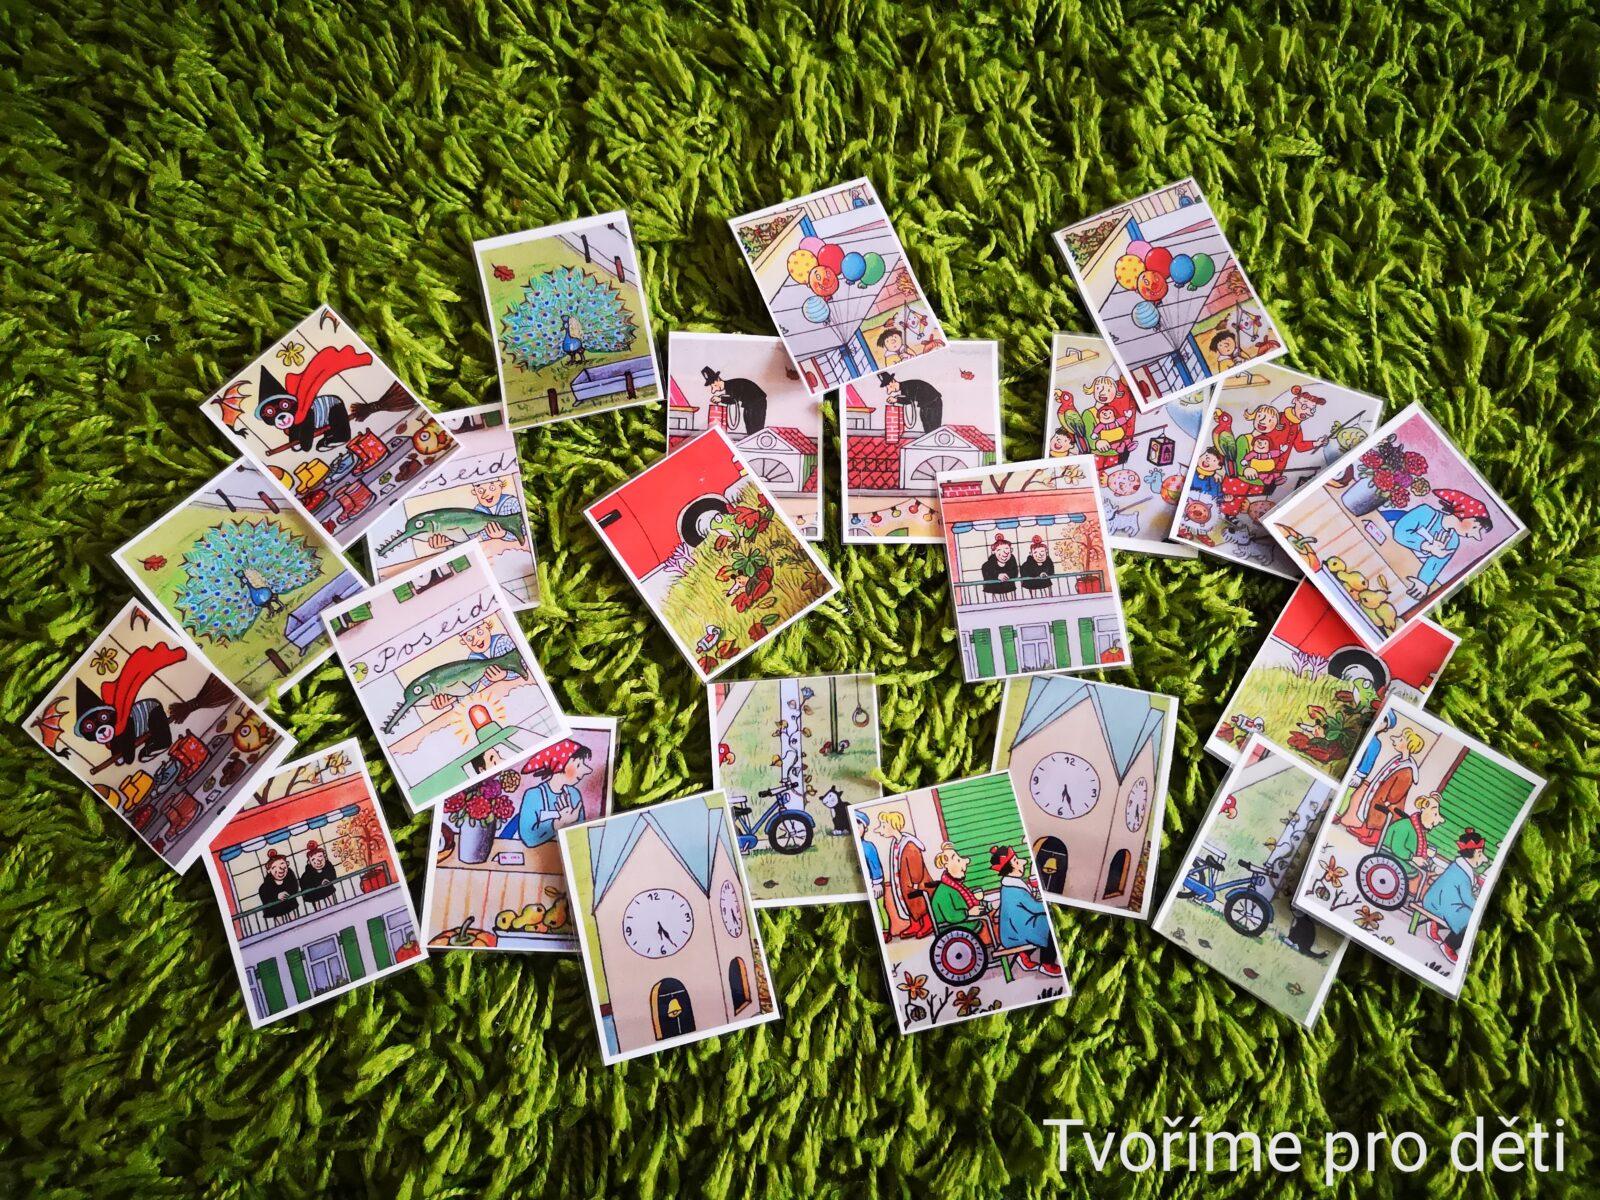 Karty na motivy knihy Podzim